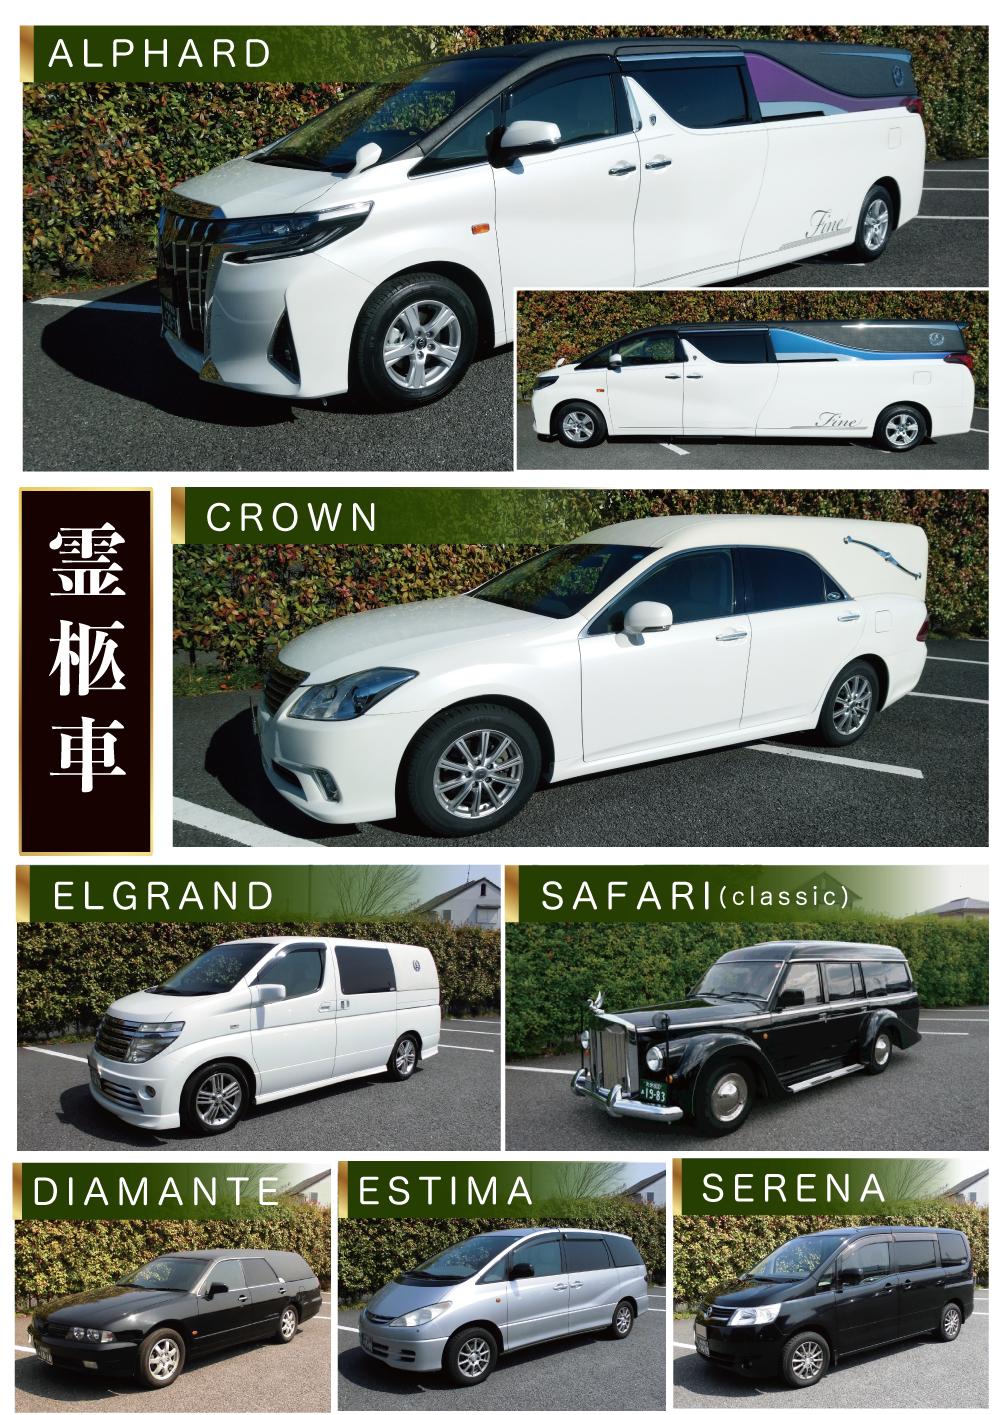 20190609_car.png